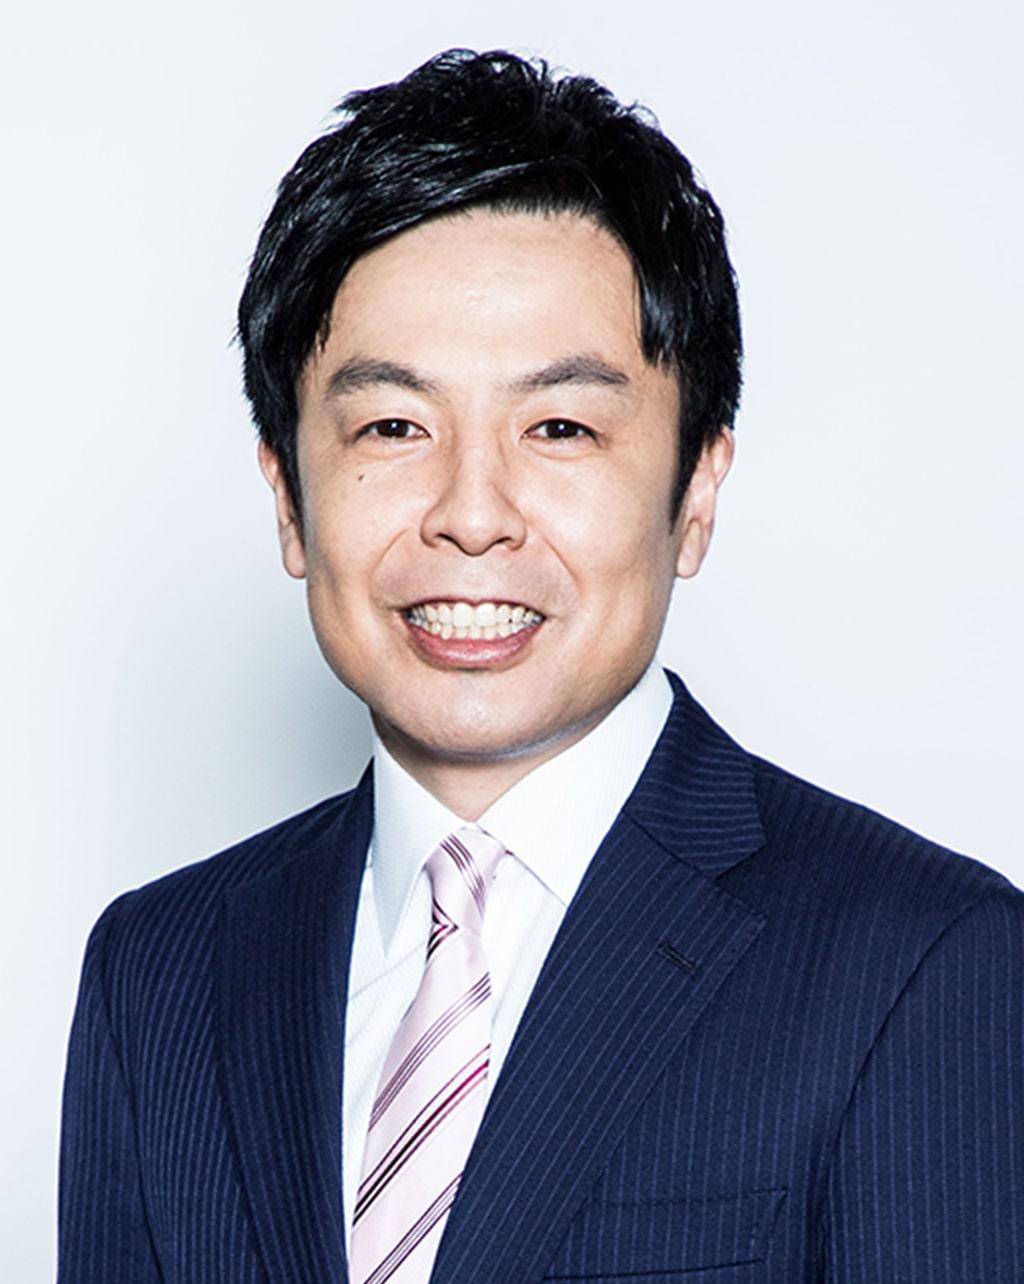 株式会社ビズリーチ 取締役副社長 酒井 哲也